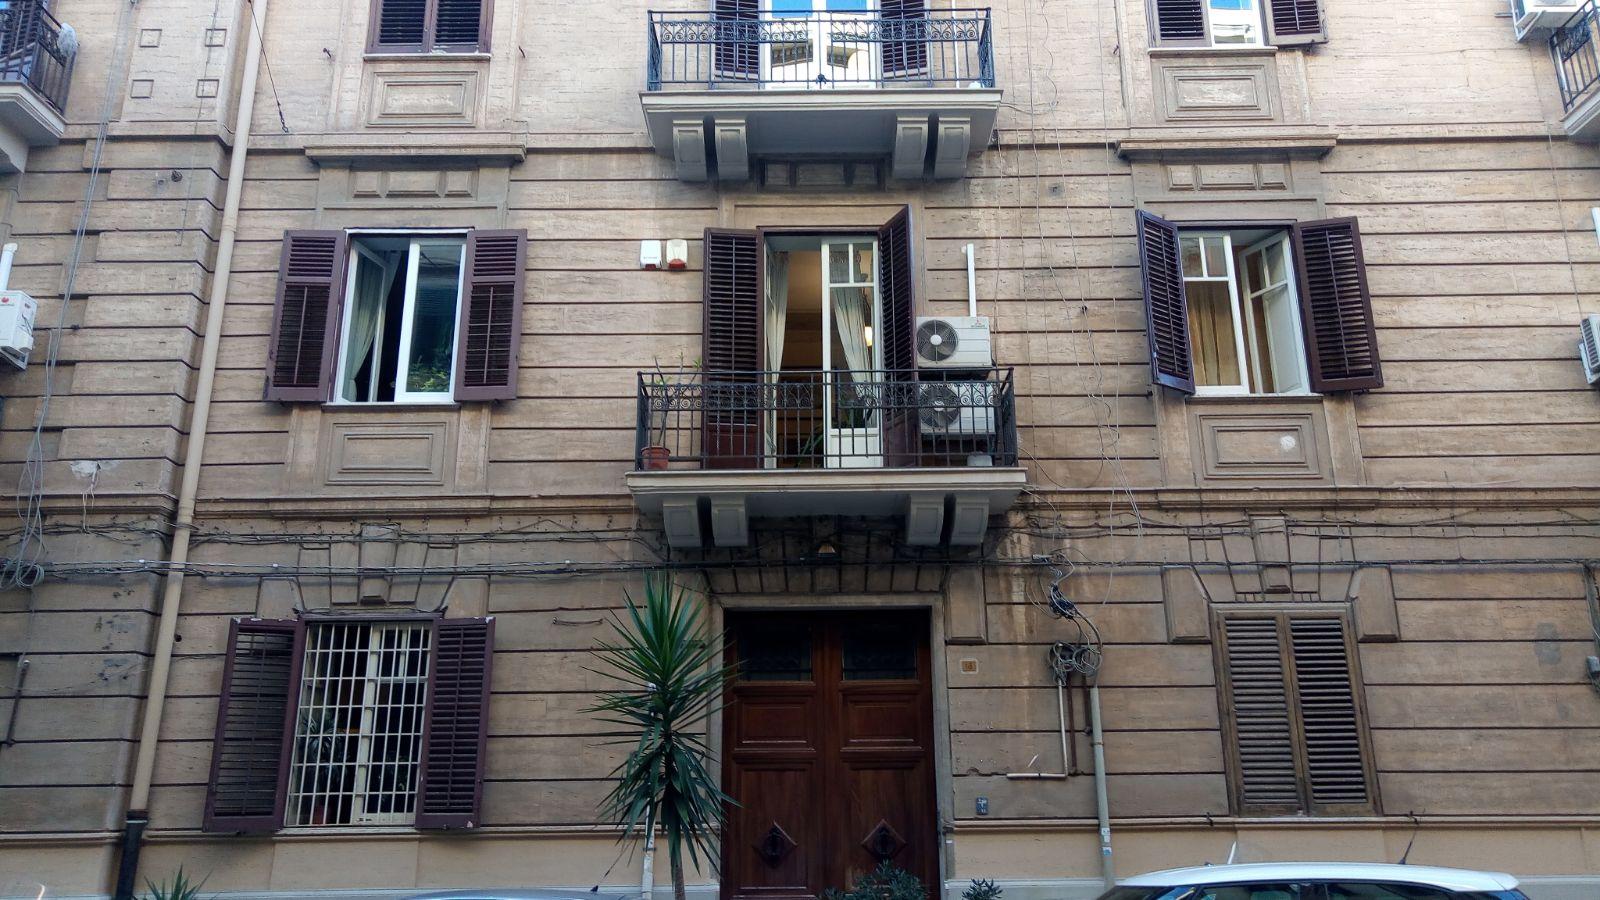 Attività / Licenza in affitto a Palermo, 9999 locali, zona Zona: Politeama, prezzo € 1.100 | CambioCasa.it